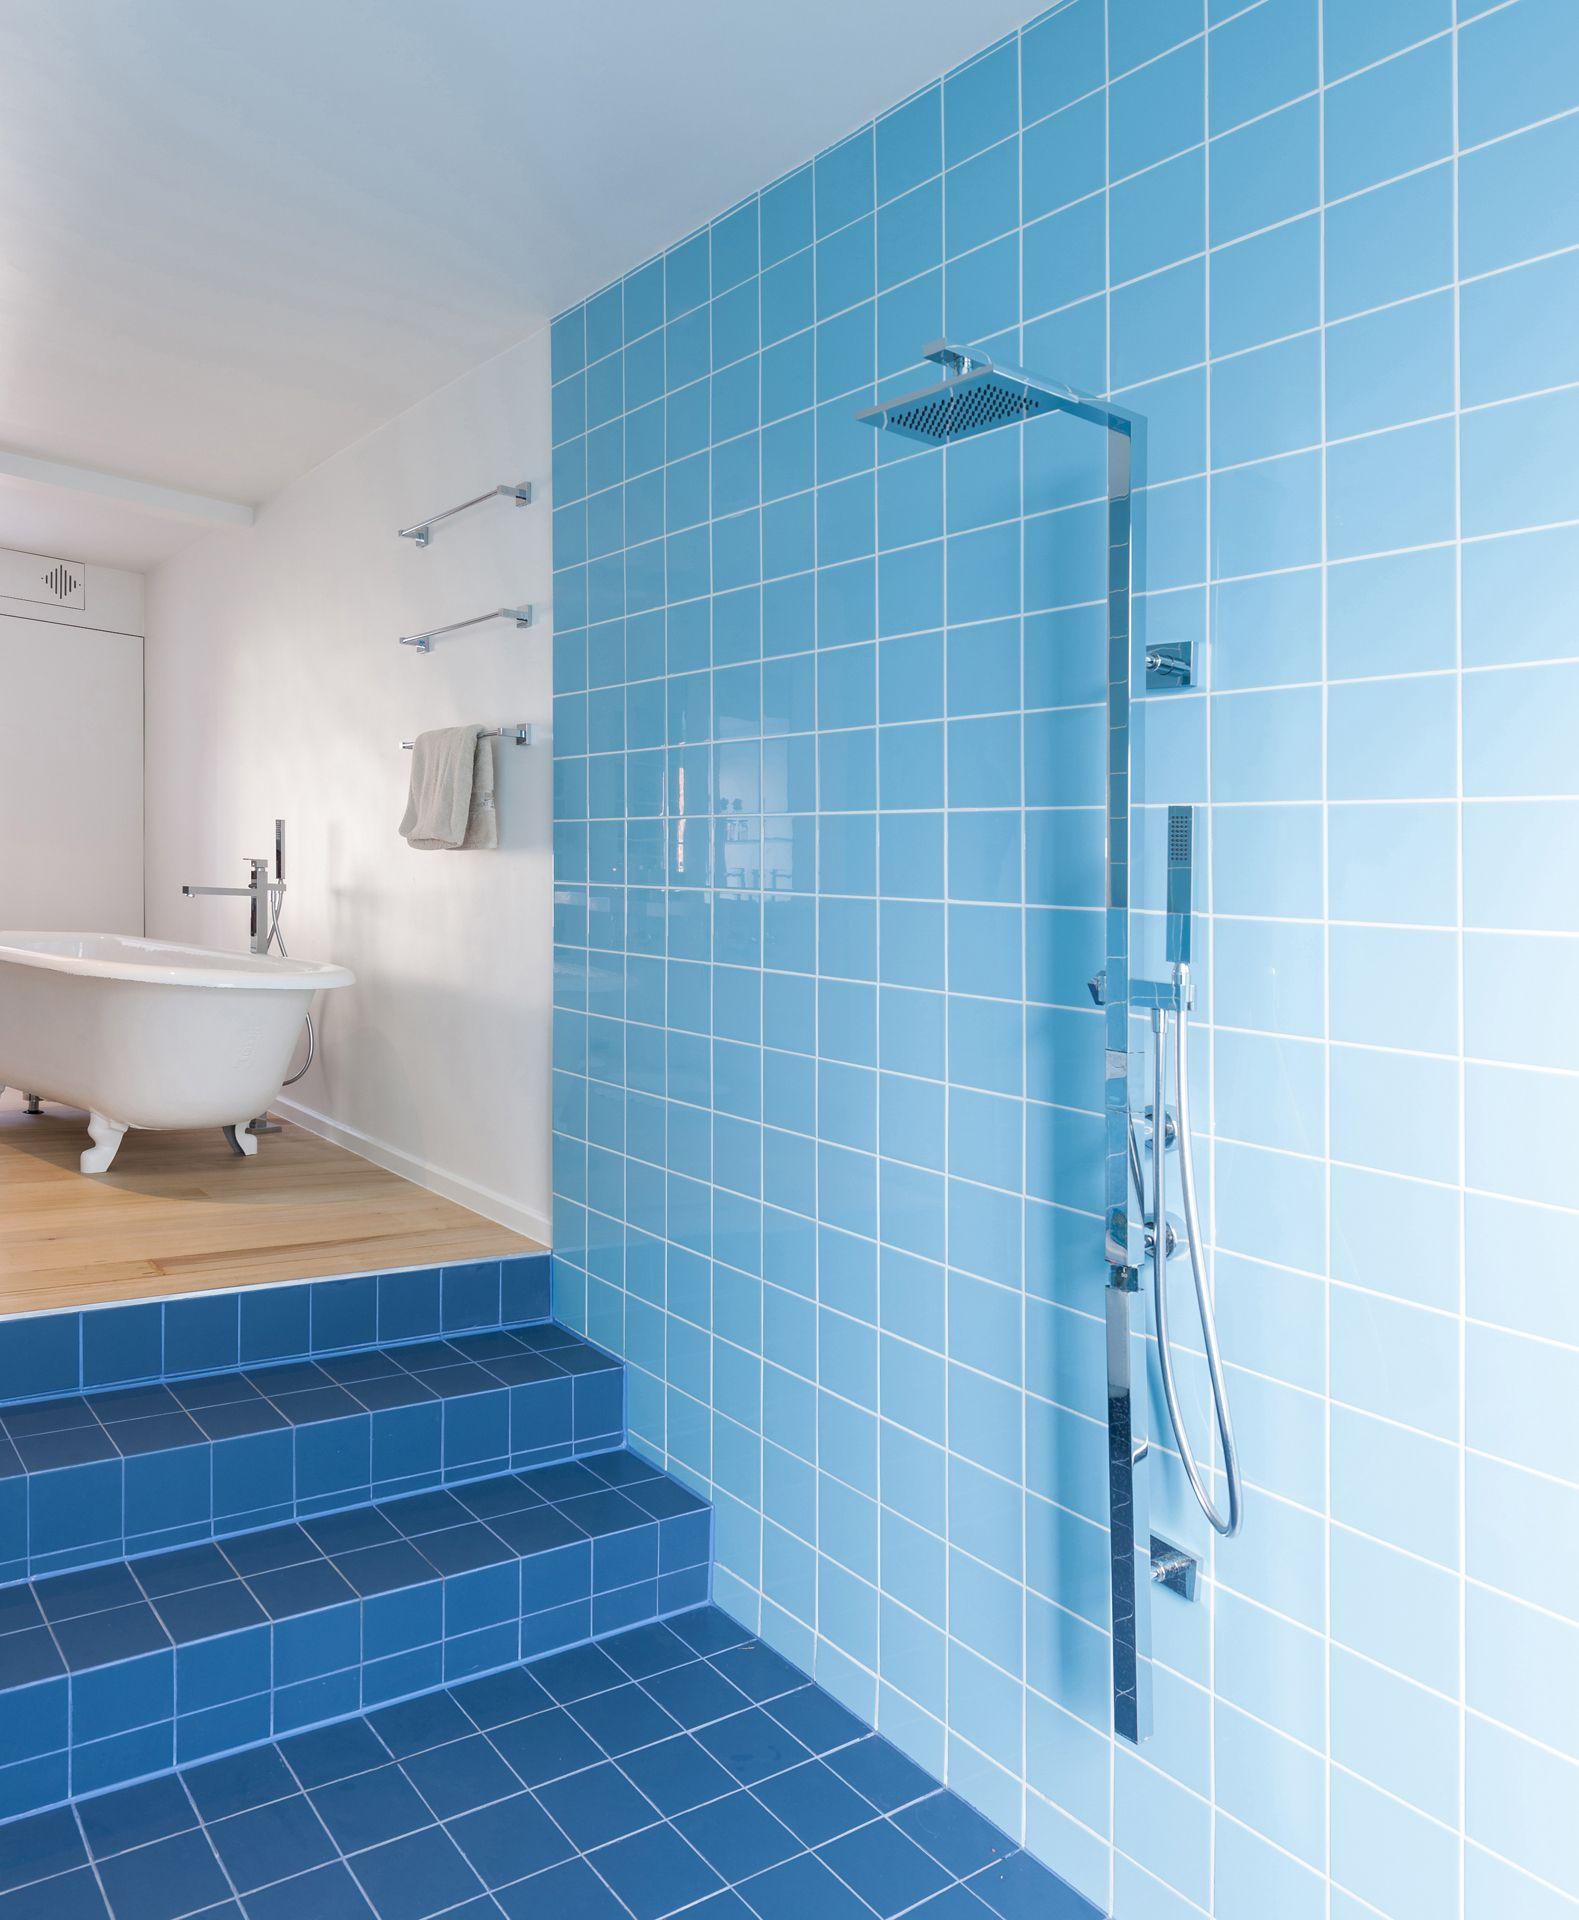 concrete5 :: Referenzen Blaue Fliesen Kinderbad   Badezimmer ...